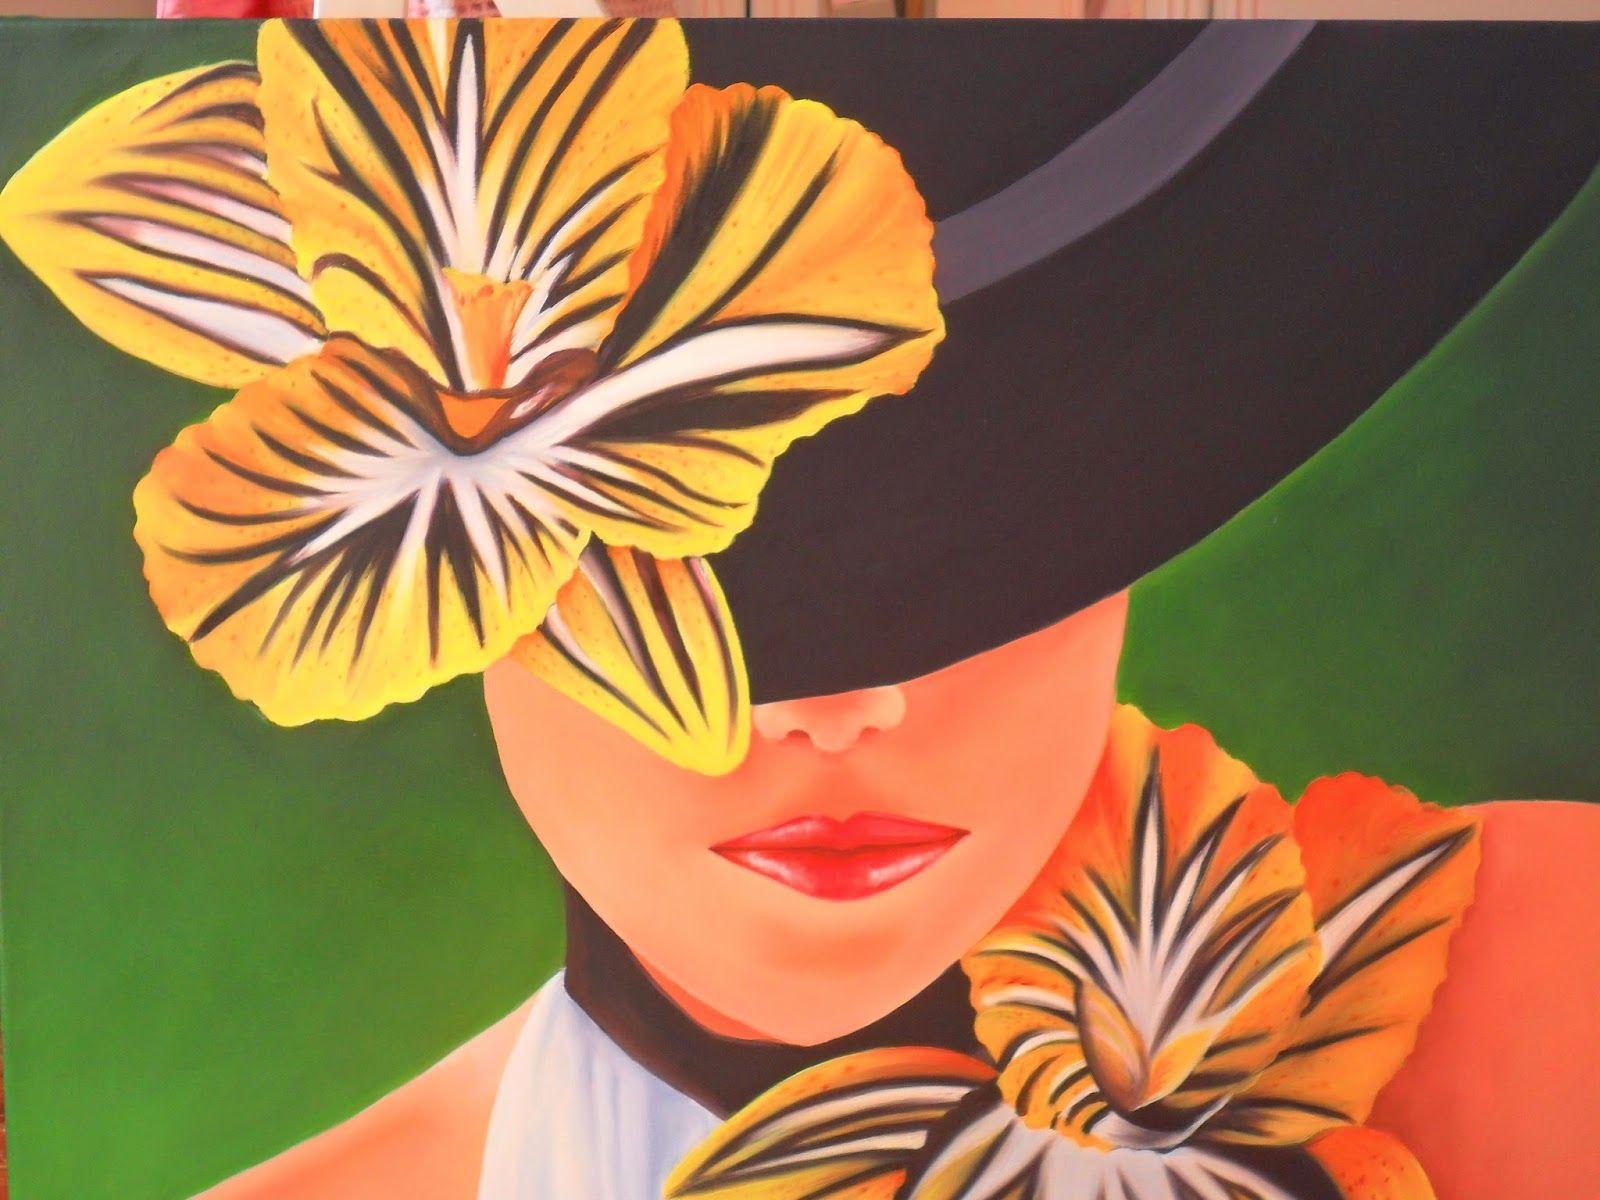 Imagenes Flores Caricatura Buscar Con Google: Cuadros Al Oleo De Mujeres Con Sombrero